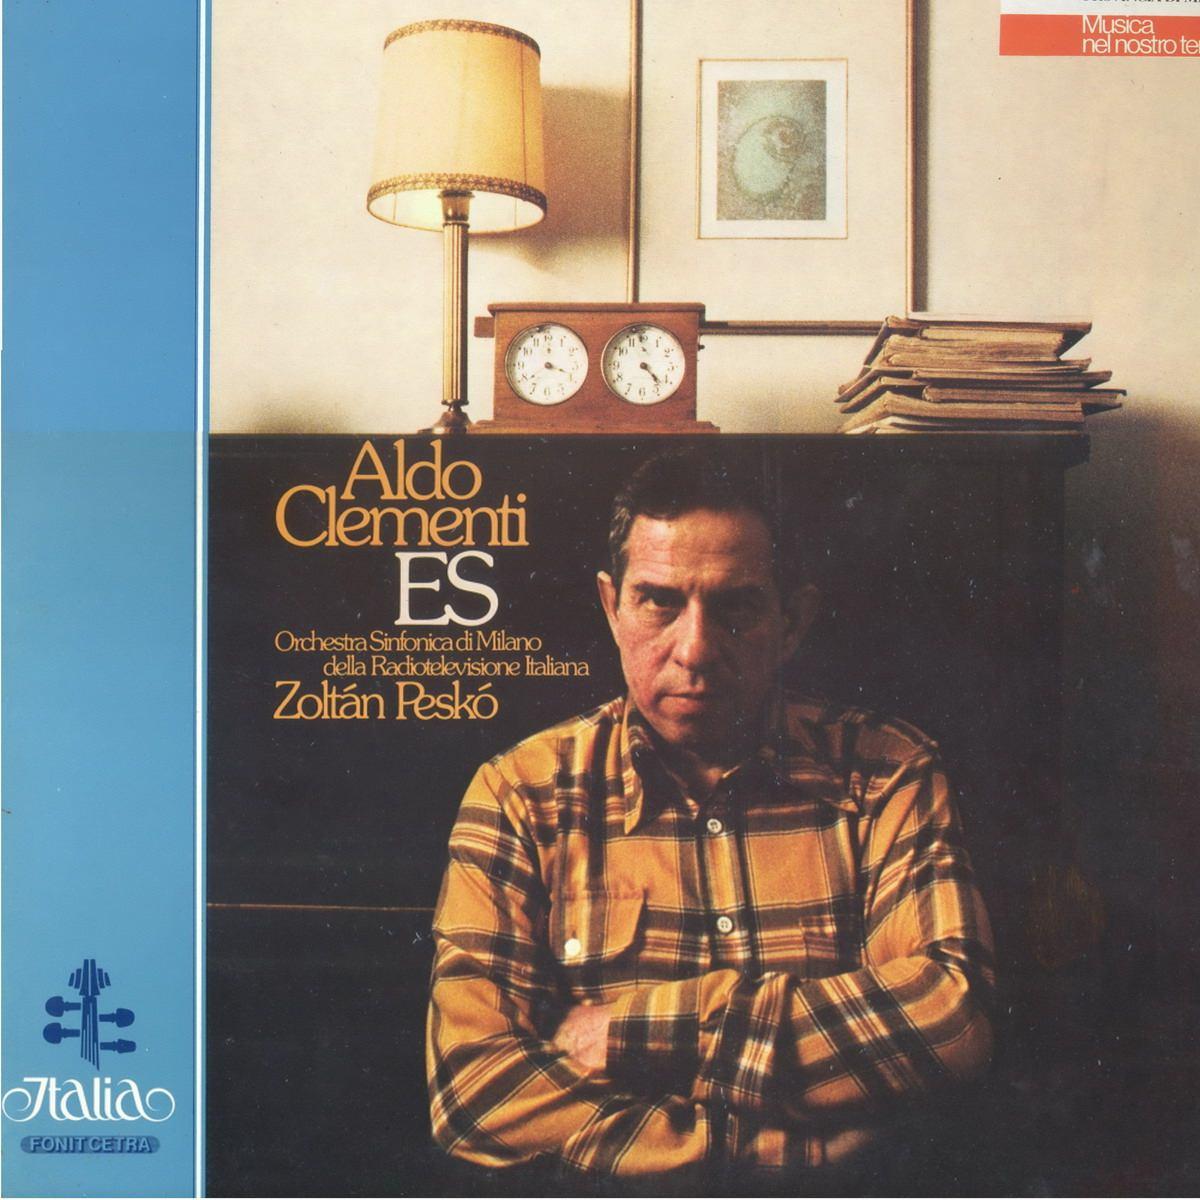 In memoriam Aldo Clementi (1925 - 5 mar 2011) ES [1982]